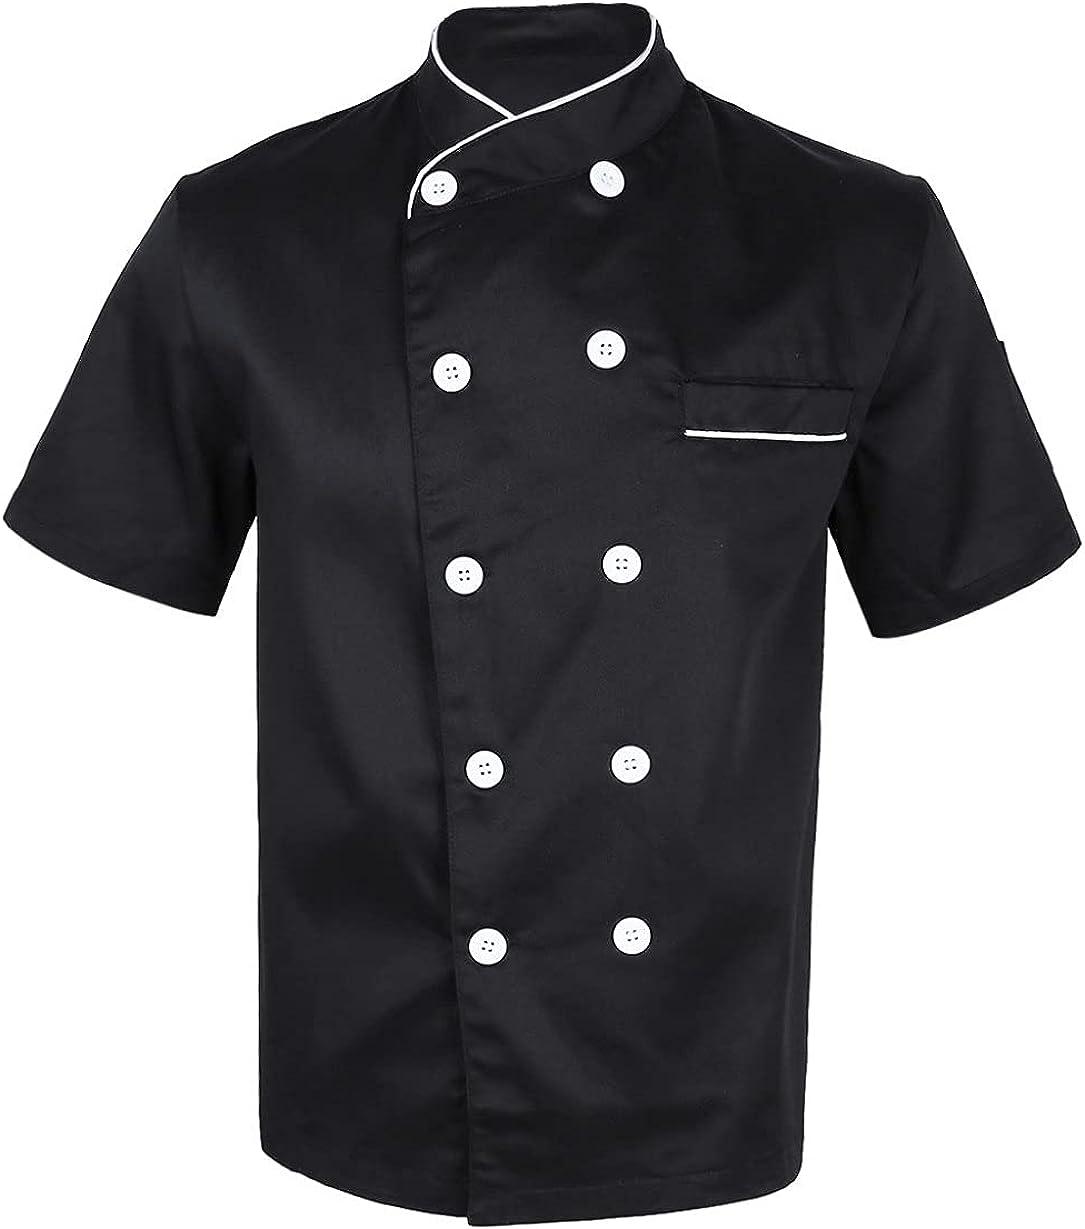 Freebily Men Women Short Sleeve Restaura Chef Cooker Sale SALE% OFF Jacket Coat Bombing new work